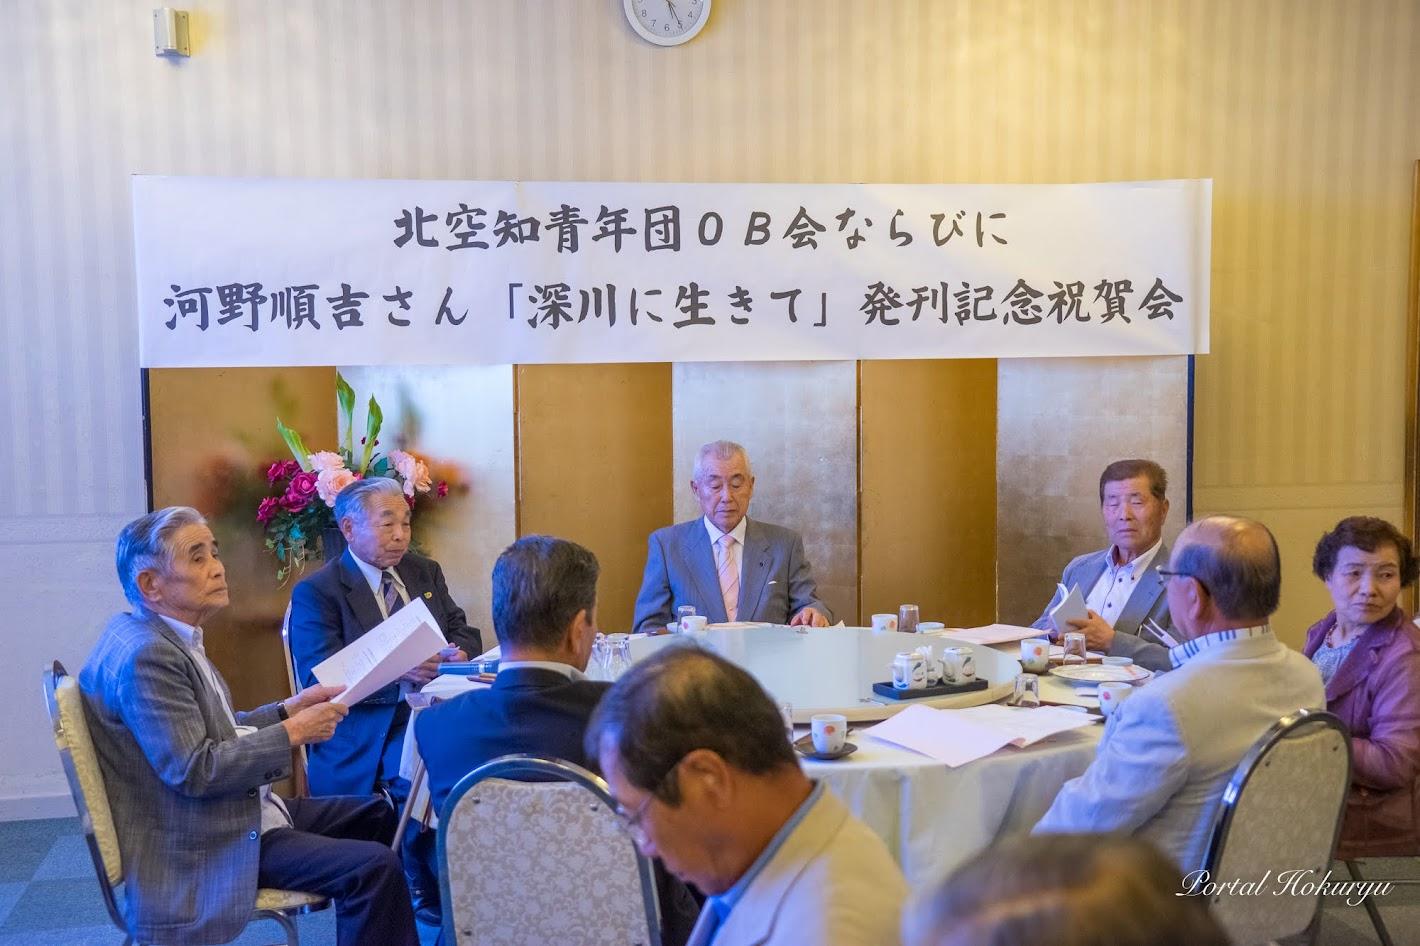 会場の横看板「河野順吉伝『深川に生きて』出版記念祝賀会」